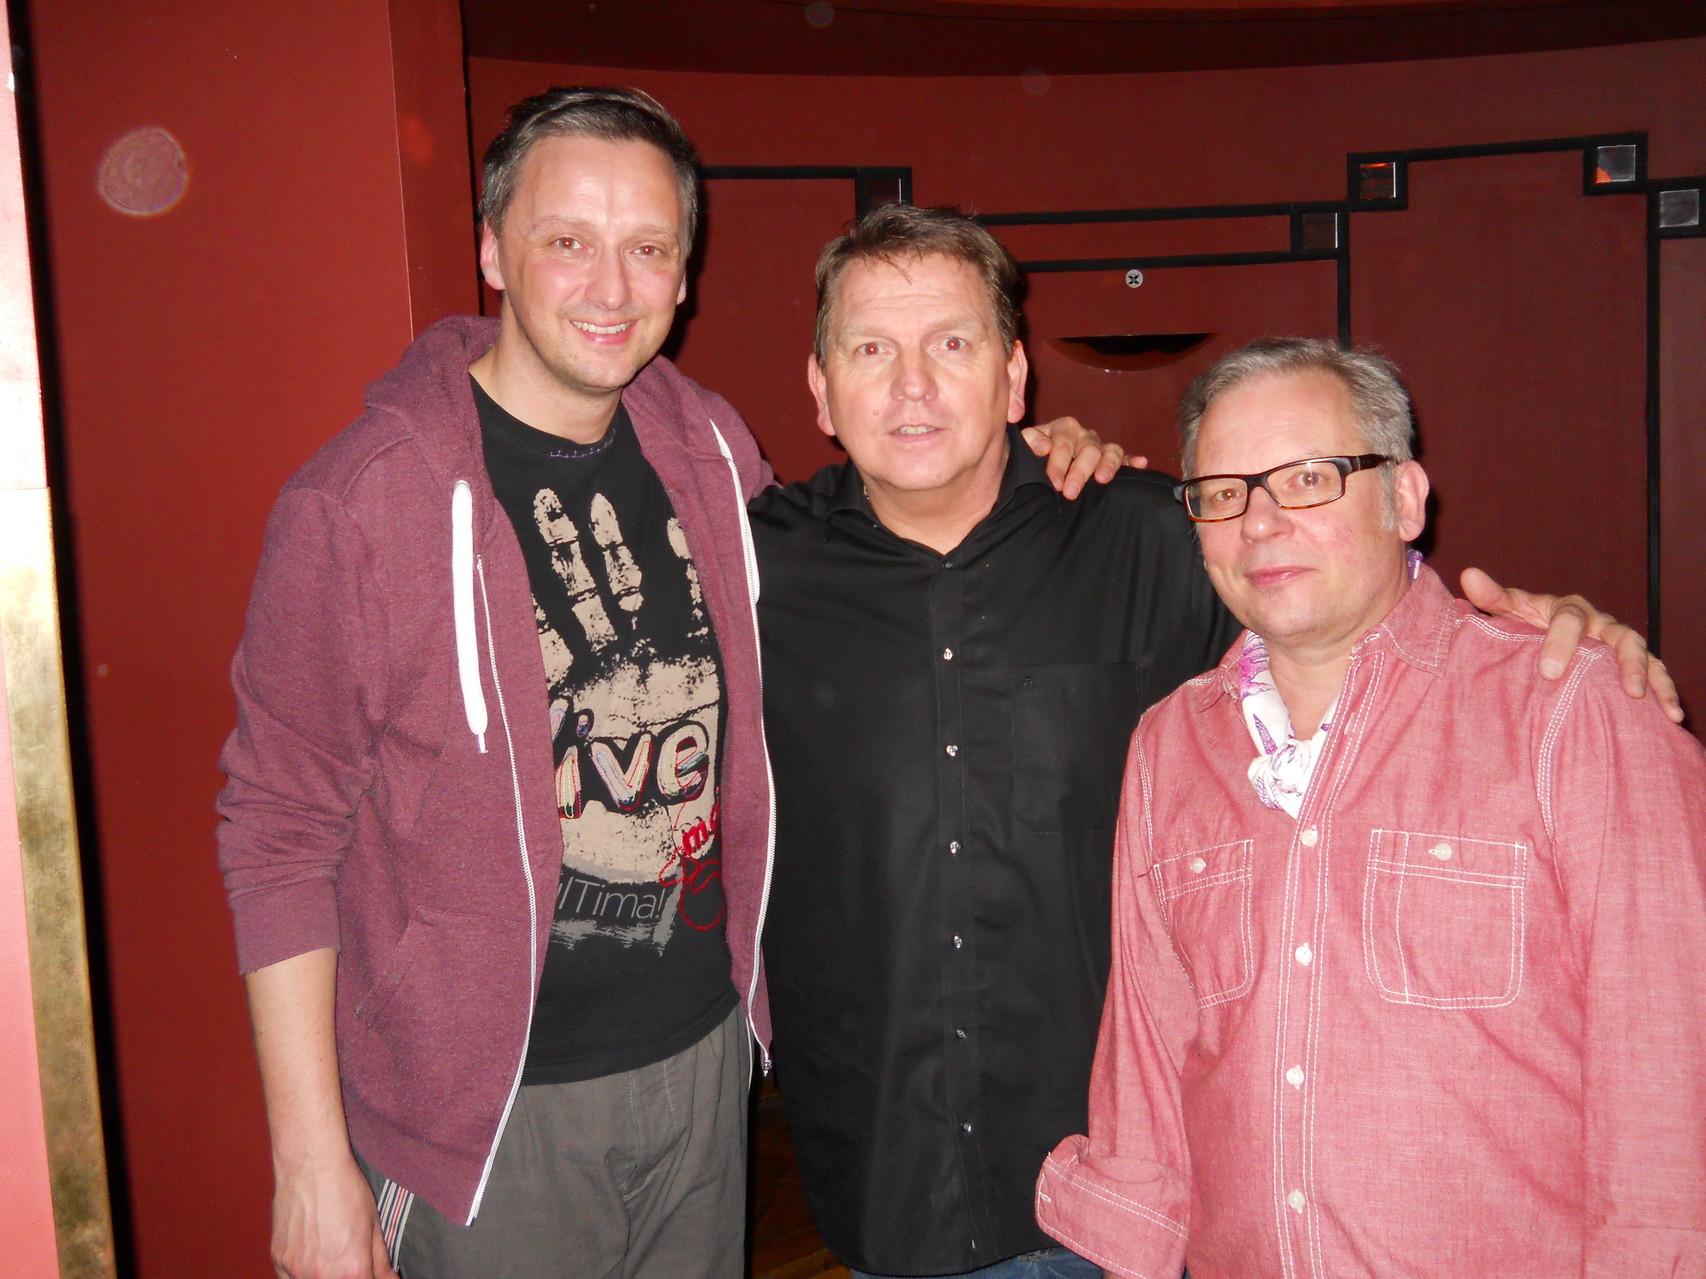 Zwei wirklich nette Typen: li. Ole Lehmann ( Moderator und Comedian) und re. Thomas Schrode ( Veranstalter).  Ein Danke an beide !!    (c) silvia ricker